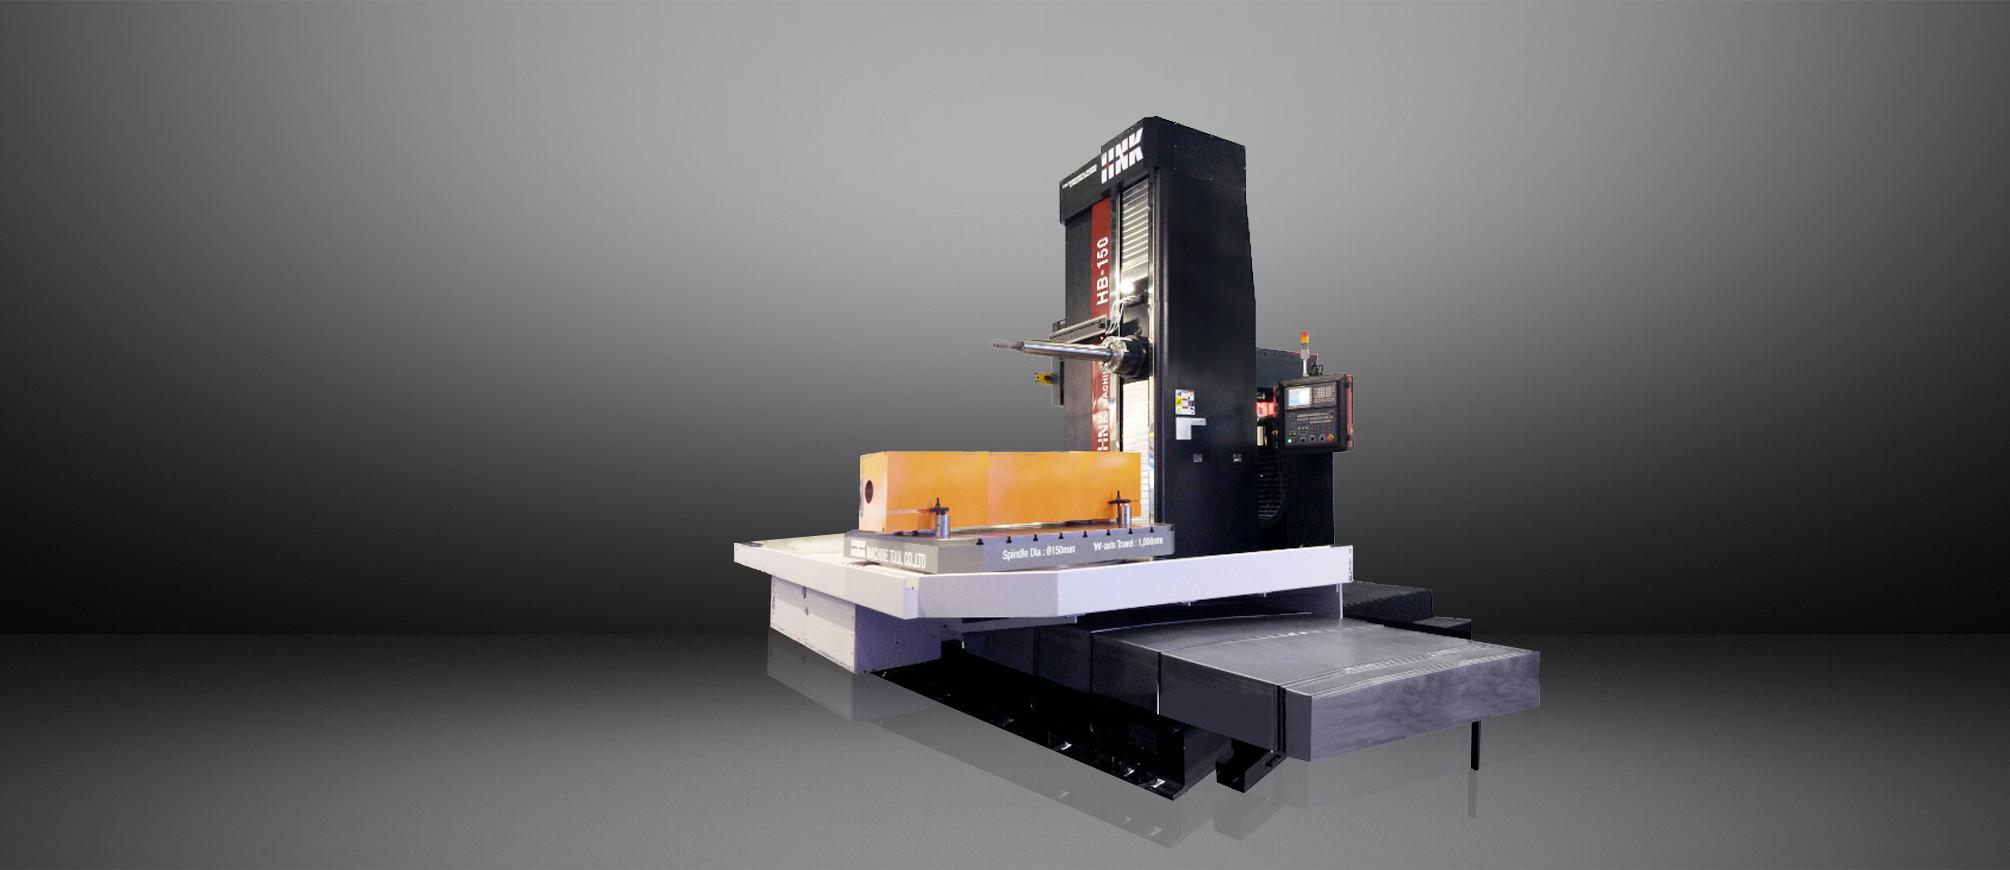 HB-150 Horizontal Boring Mills